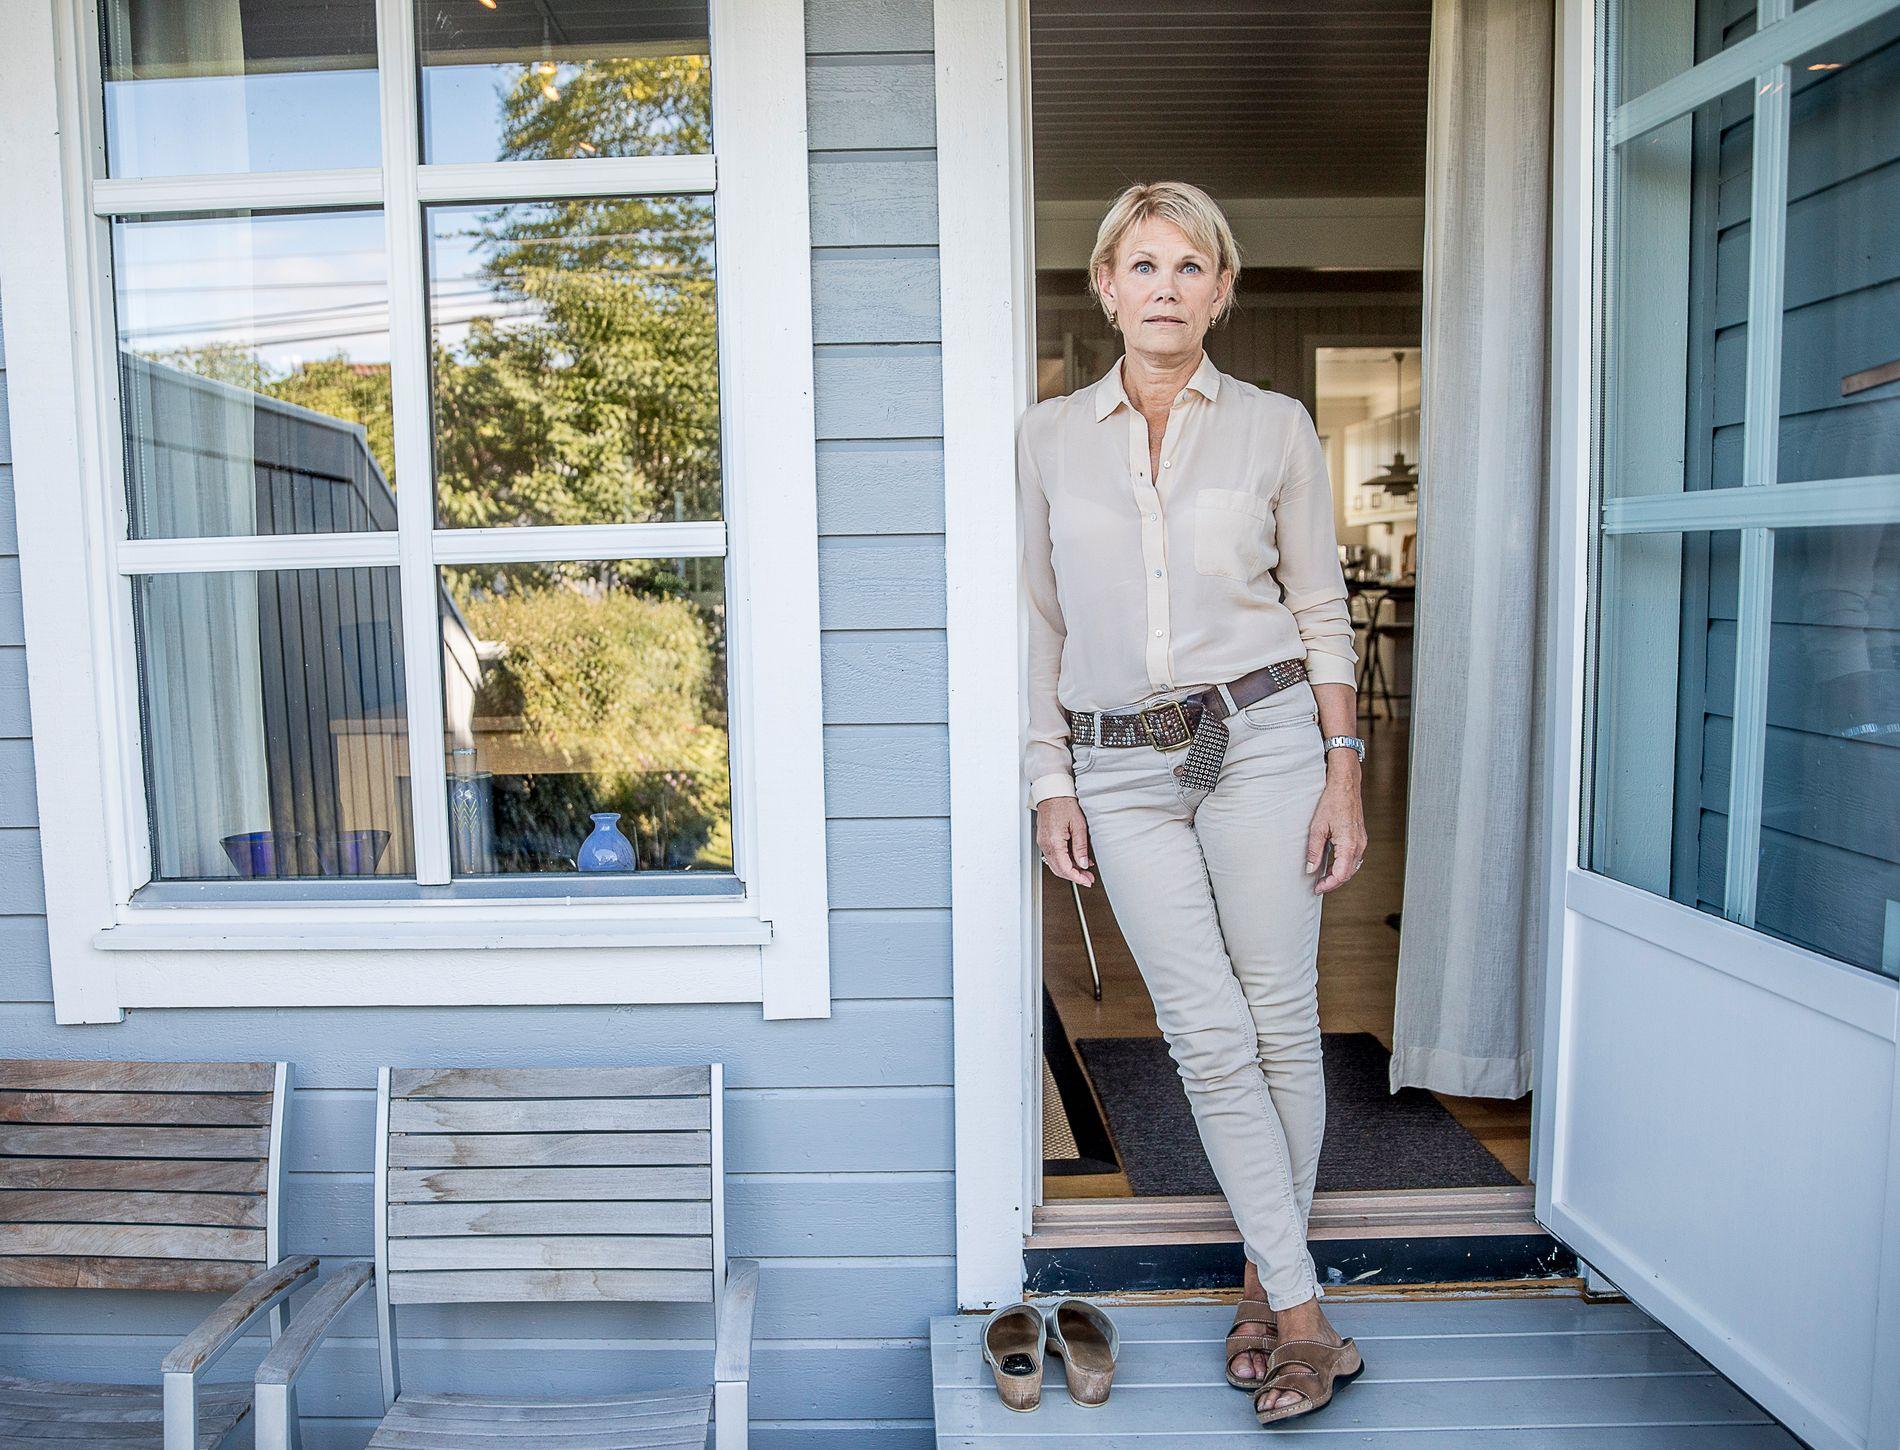 STORT SJOKK: – Det største sjokket etter diagnosen var at faren min døde av den samme sykdommen da han var 49 år gammel, forklarer Ann Kristin Hageløkken, som lever med benmargskreft.